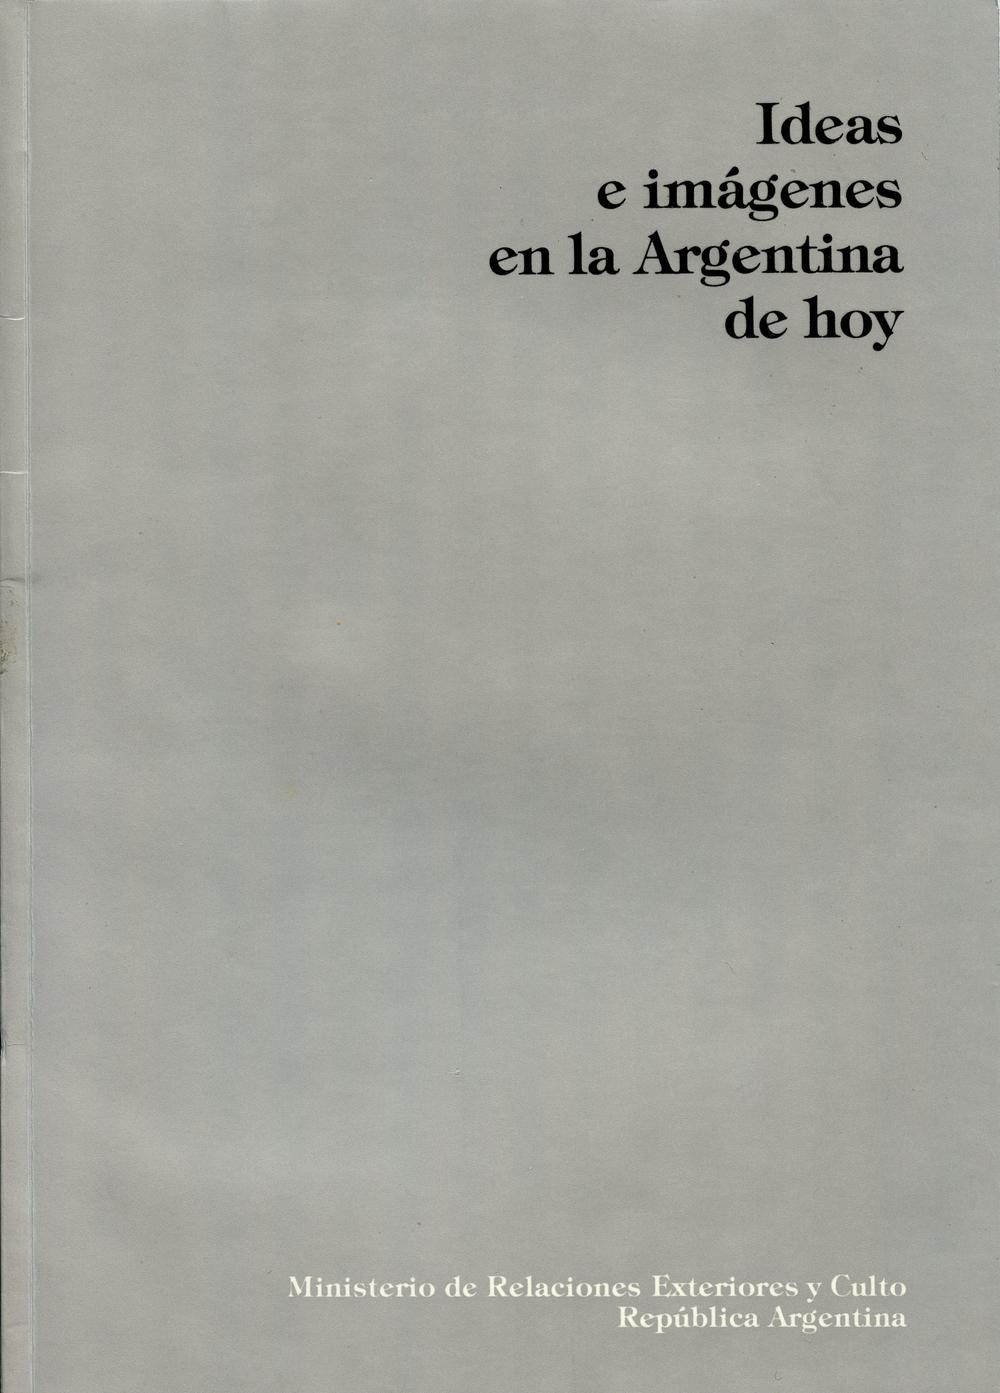 Ideas e imagenes en la Argentina hoy, Museo de Arte Moderno de Mexico 1985